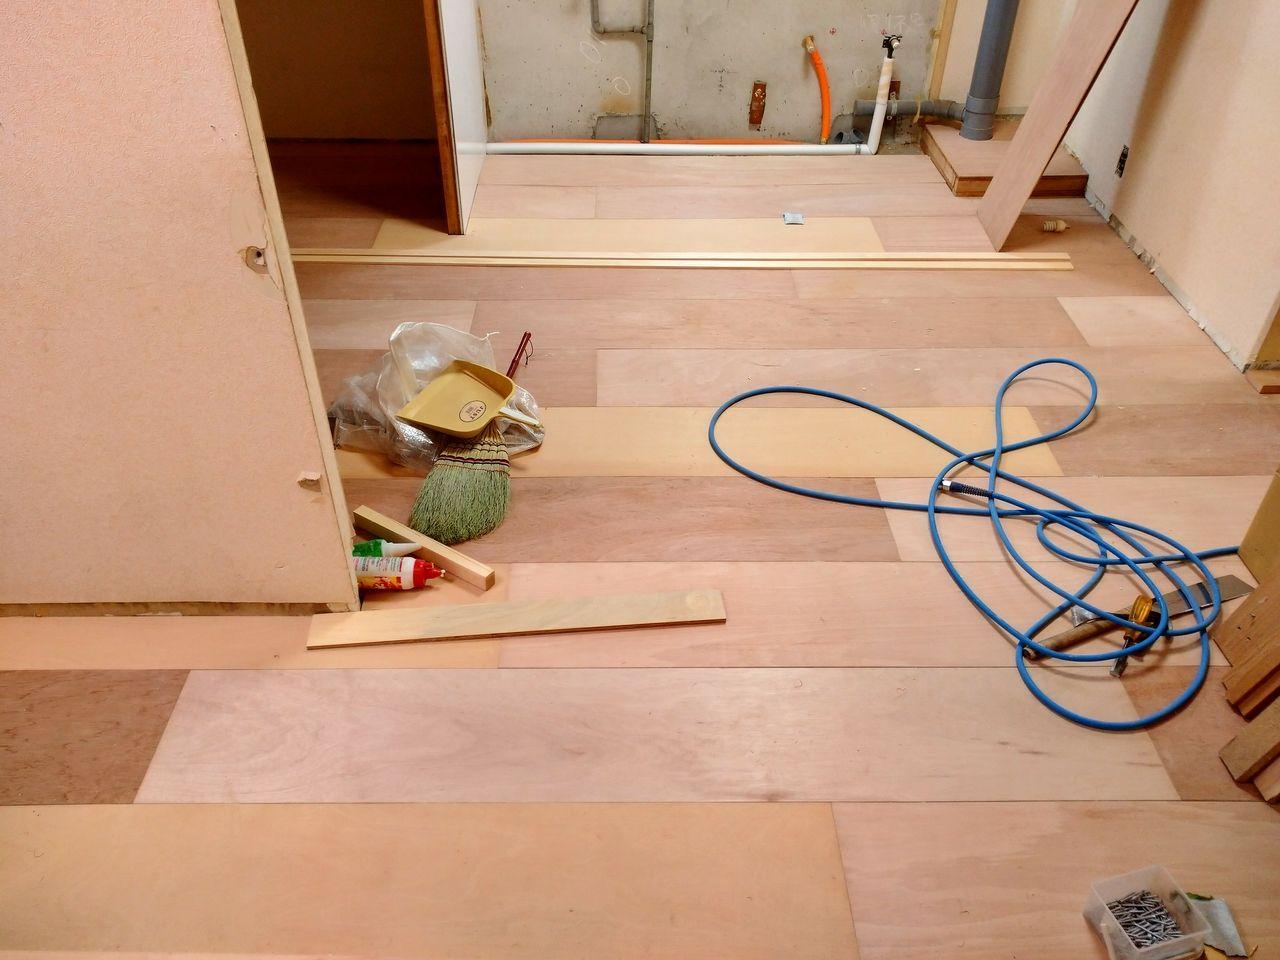 合板を割いて、フローリングのようにはっていきます。そうするとどうでしょうか。合板なのに良い感じに仕上がってみえませんか。